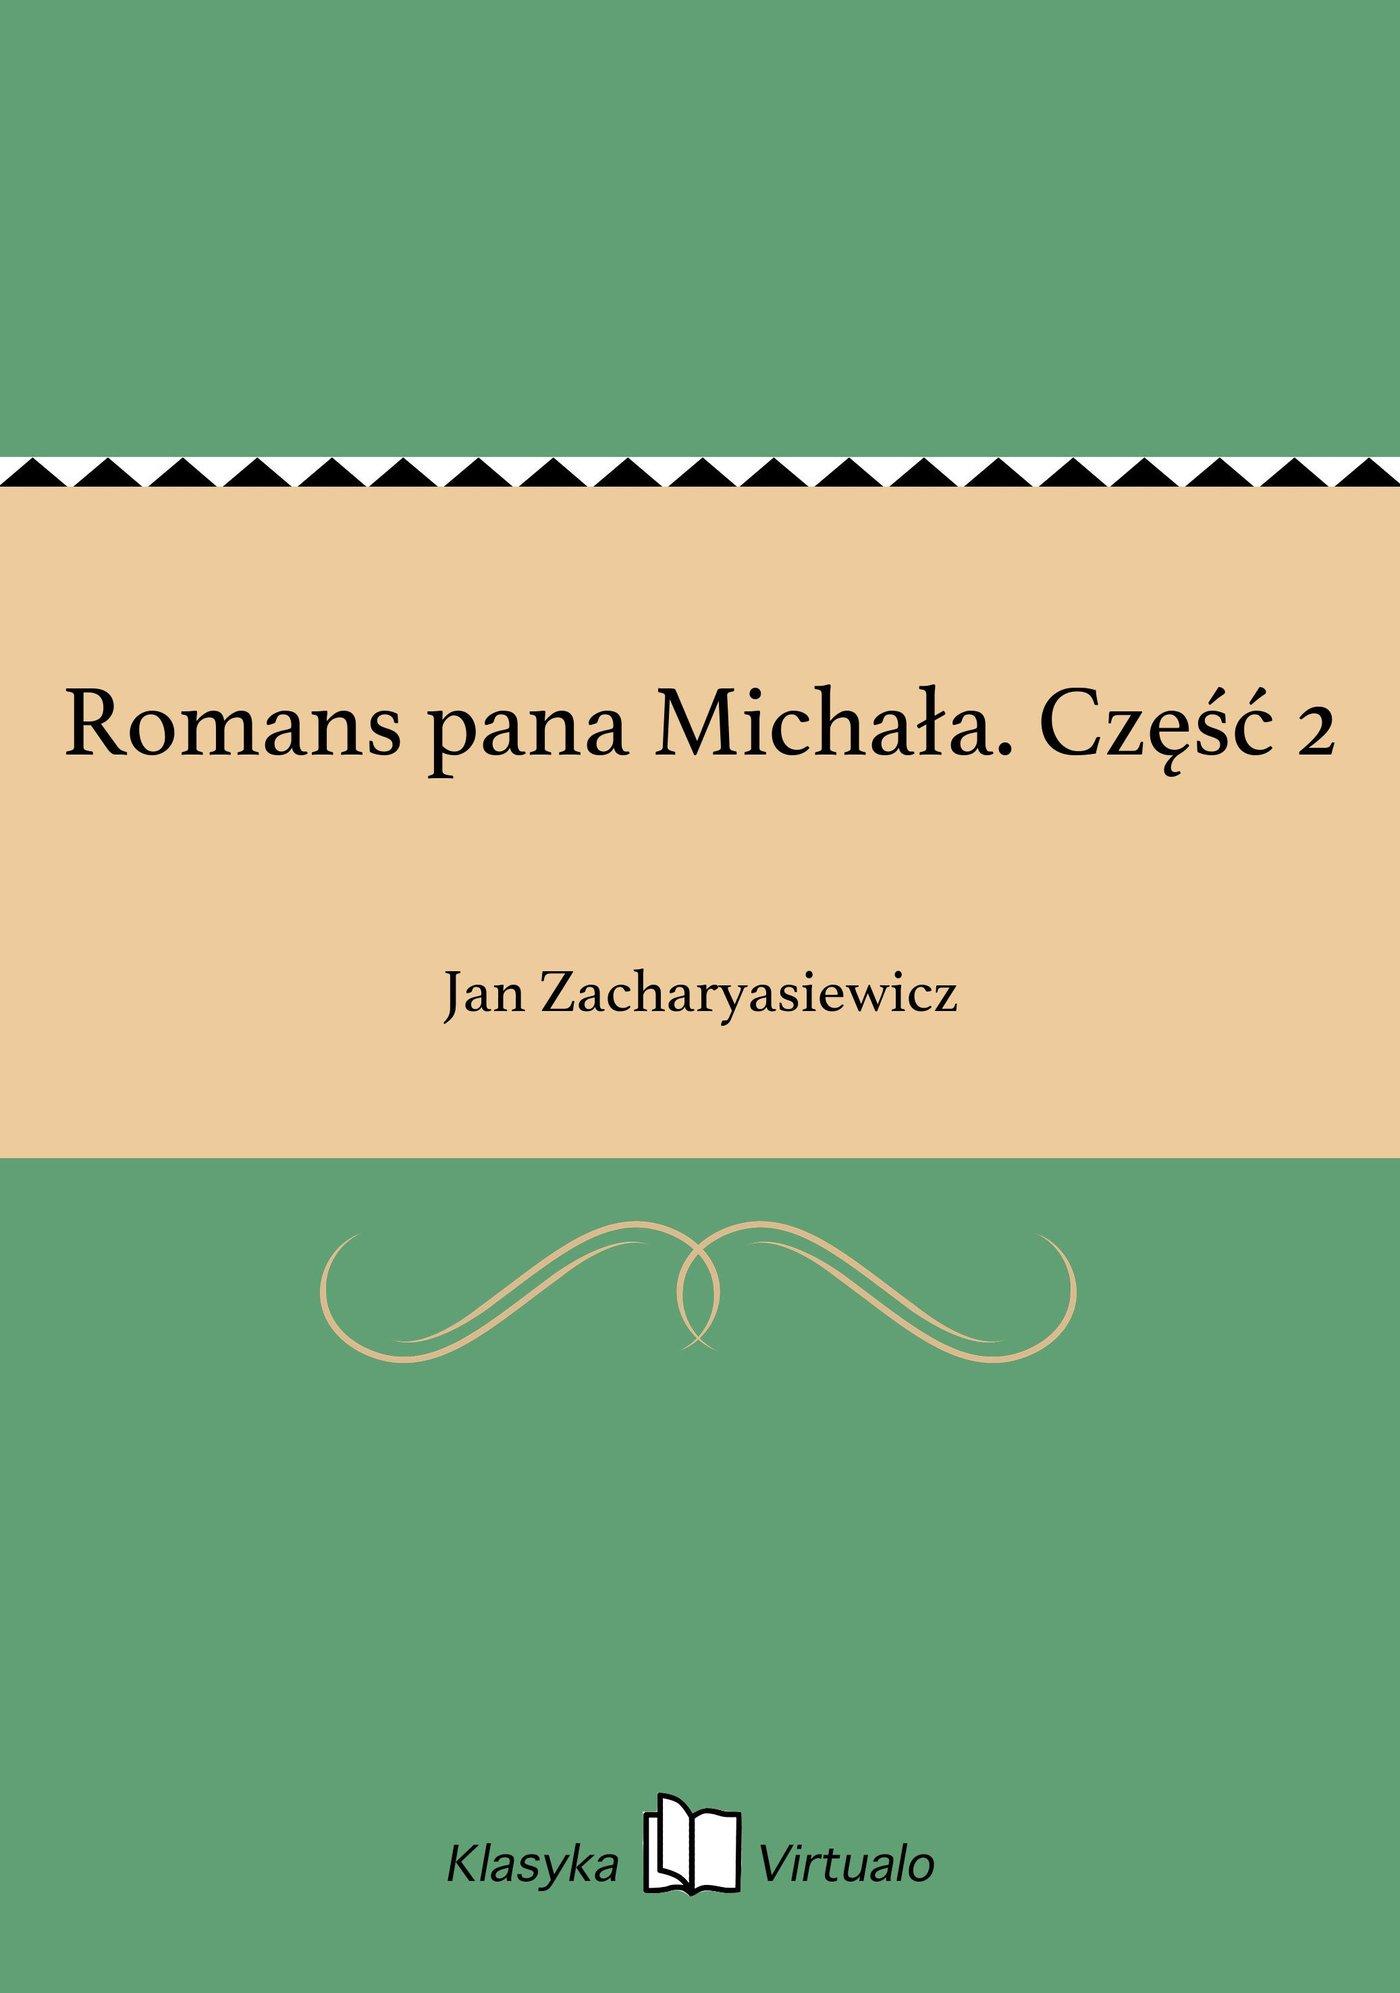 Romans pana Michała. Część 2 - Ebook (Książka EPUB) do pobrania w formacie EPUB